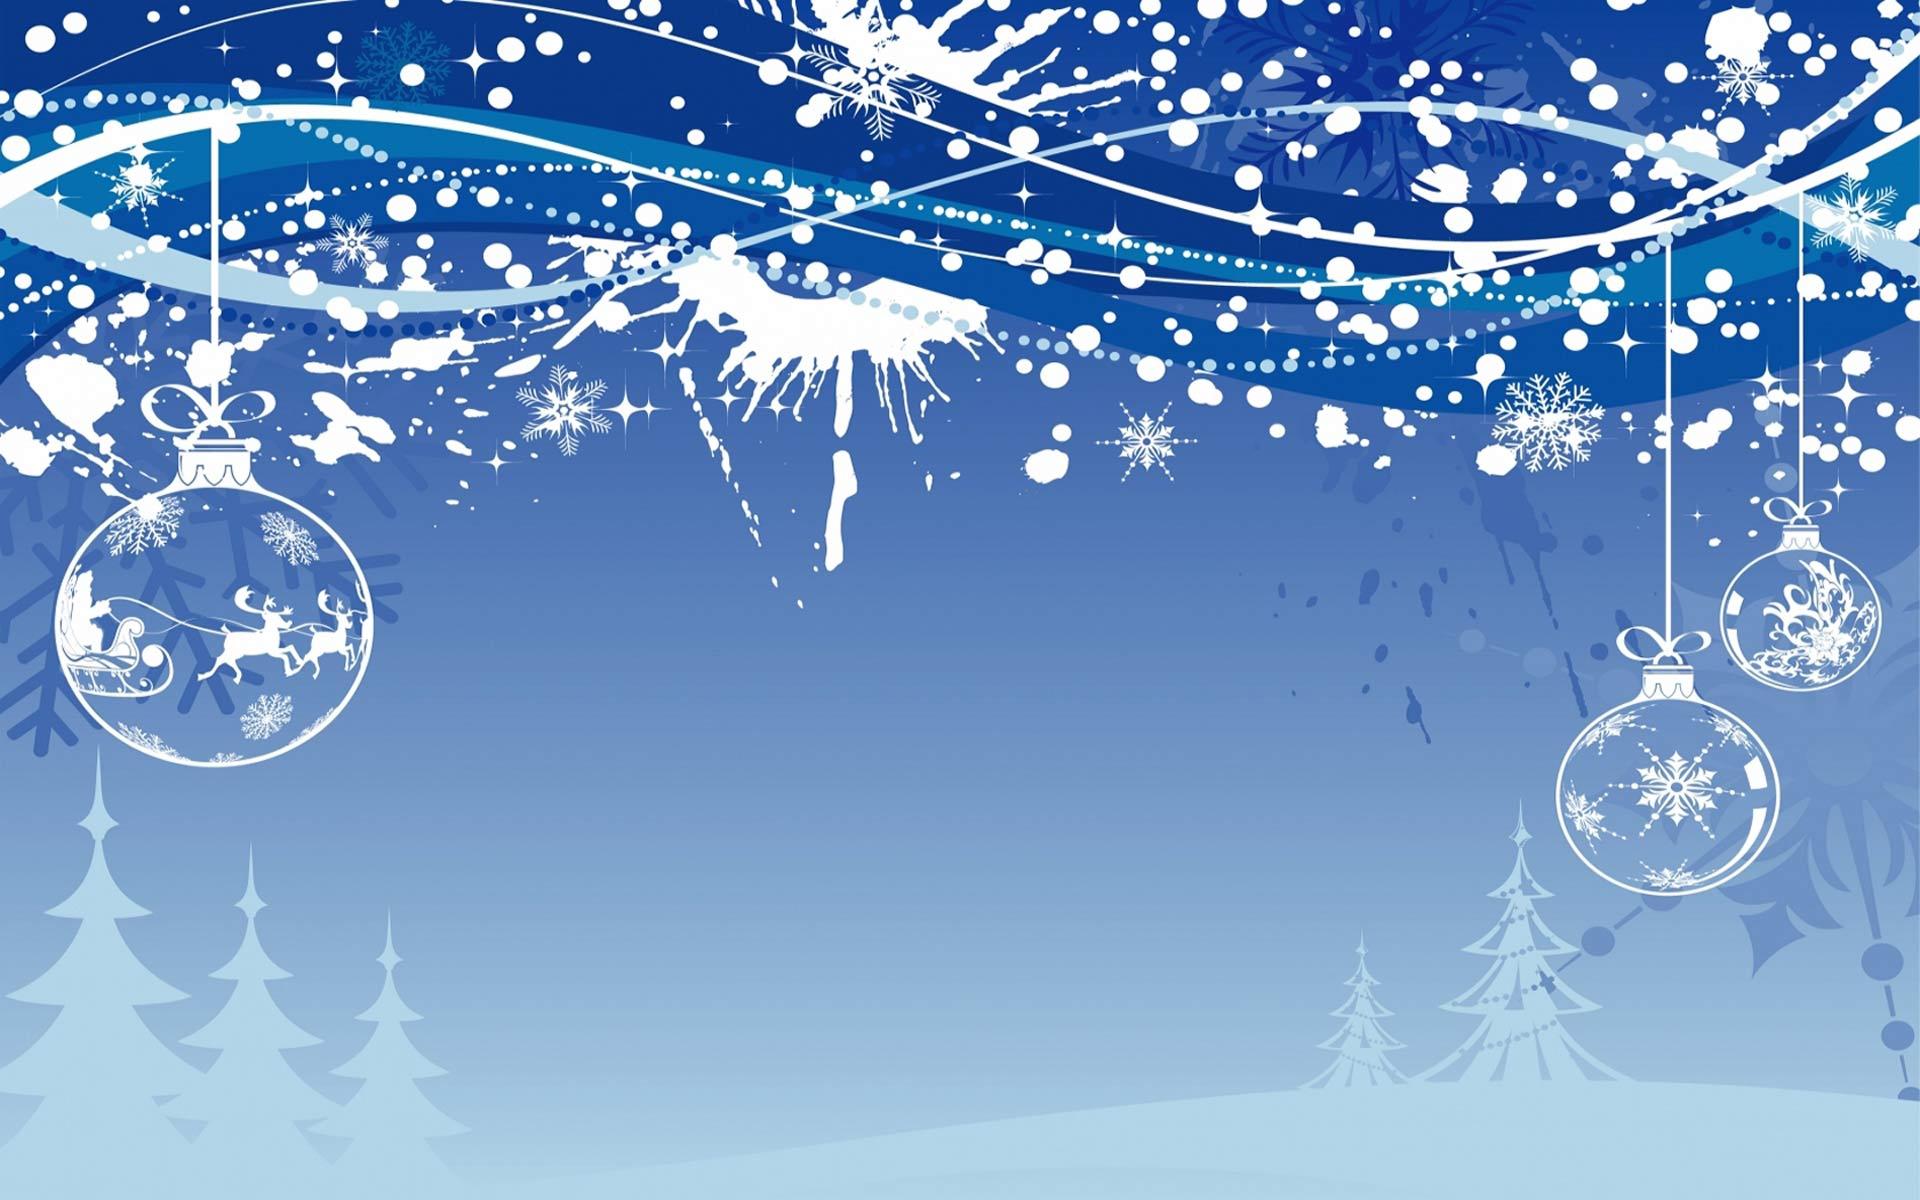 Christmas Wallpaper For Desktop 1920x1200